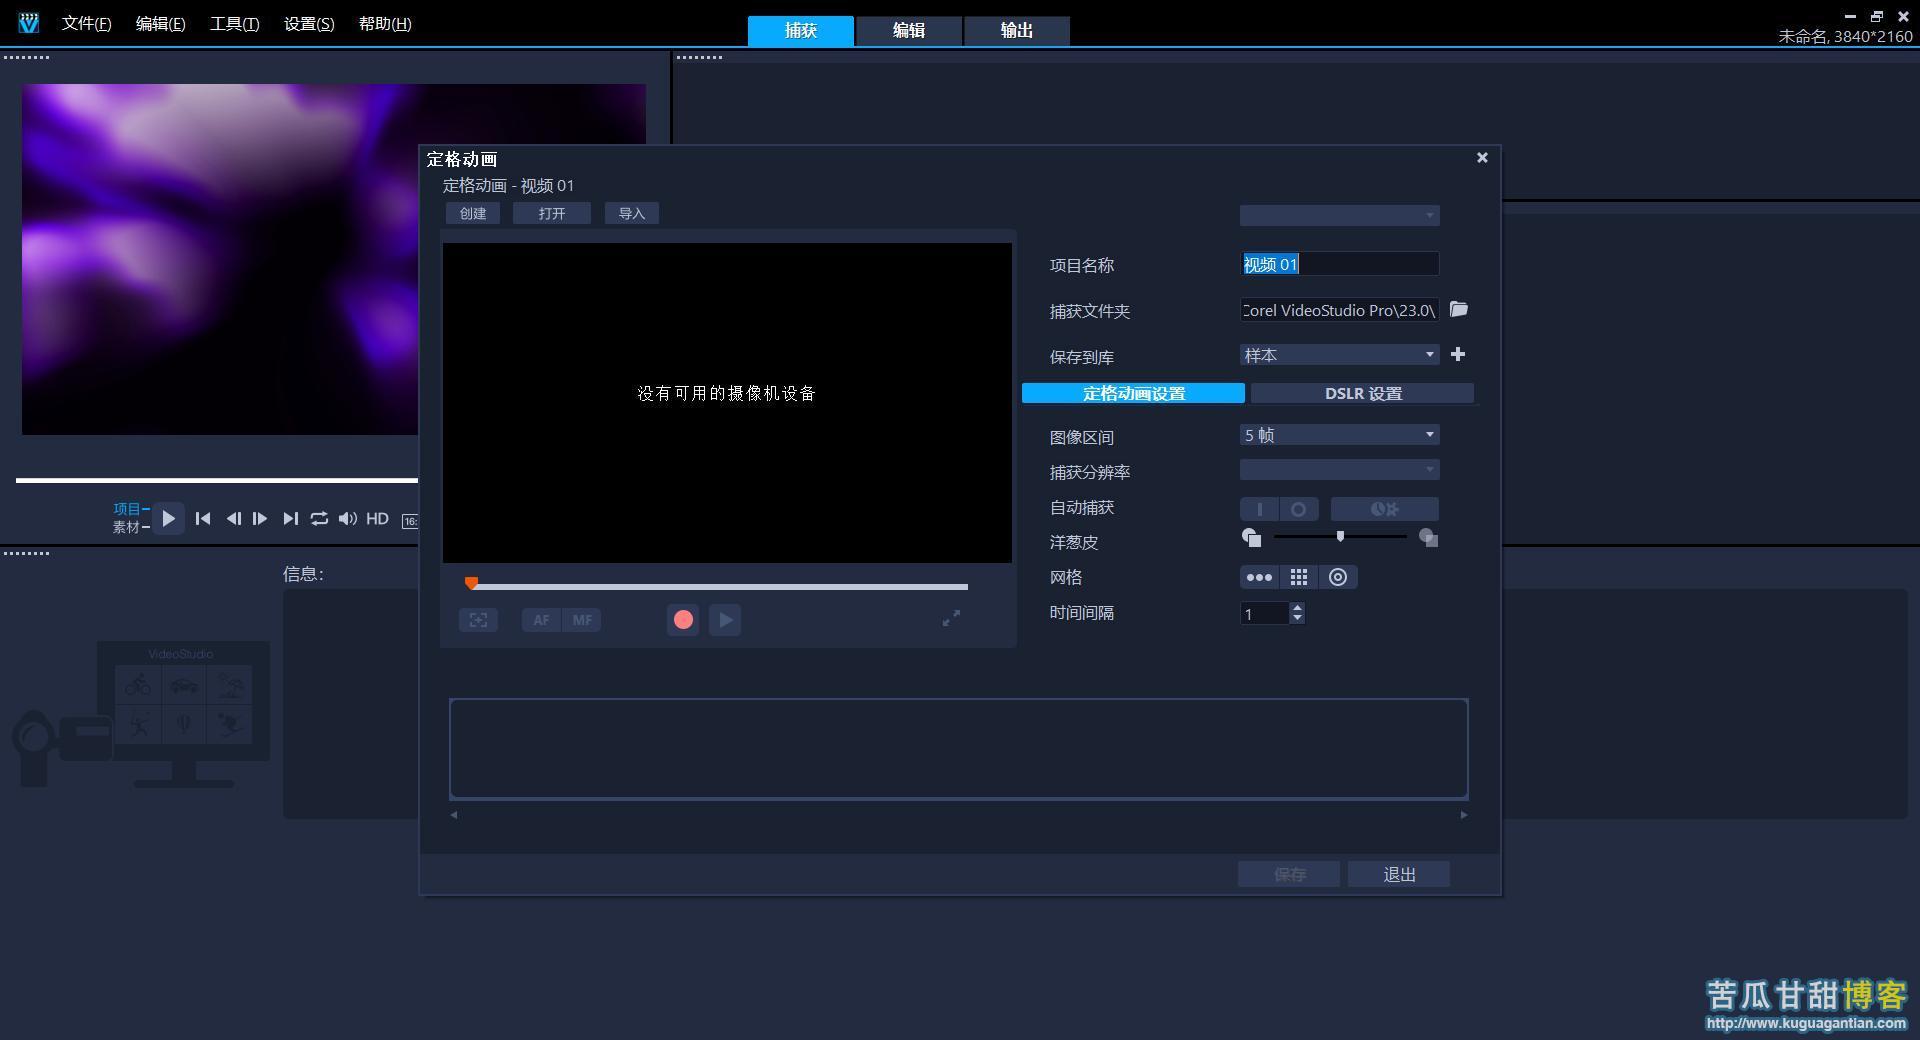 会声会影2020 V23.2.0.587 国际旗舰、完整汉化、无损安装 V4插图(4)